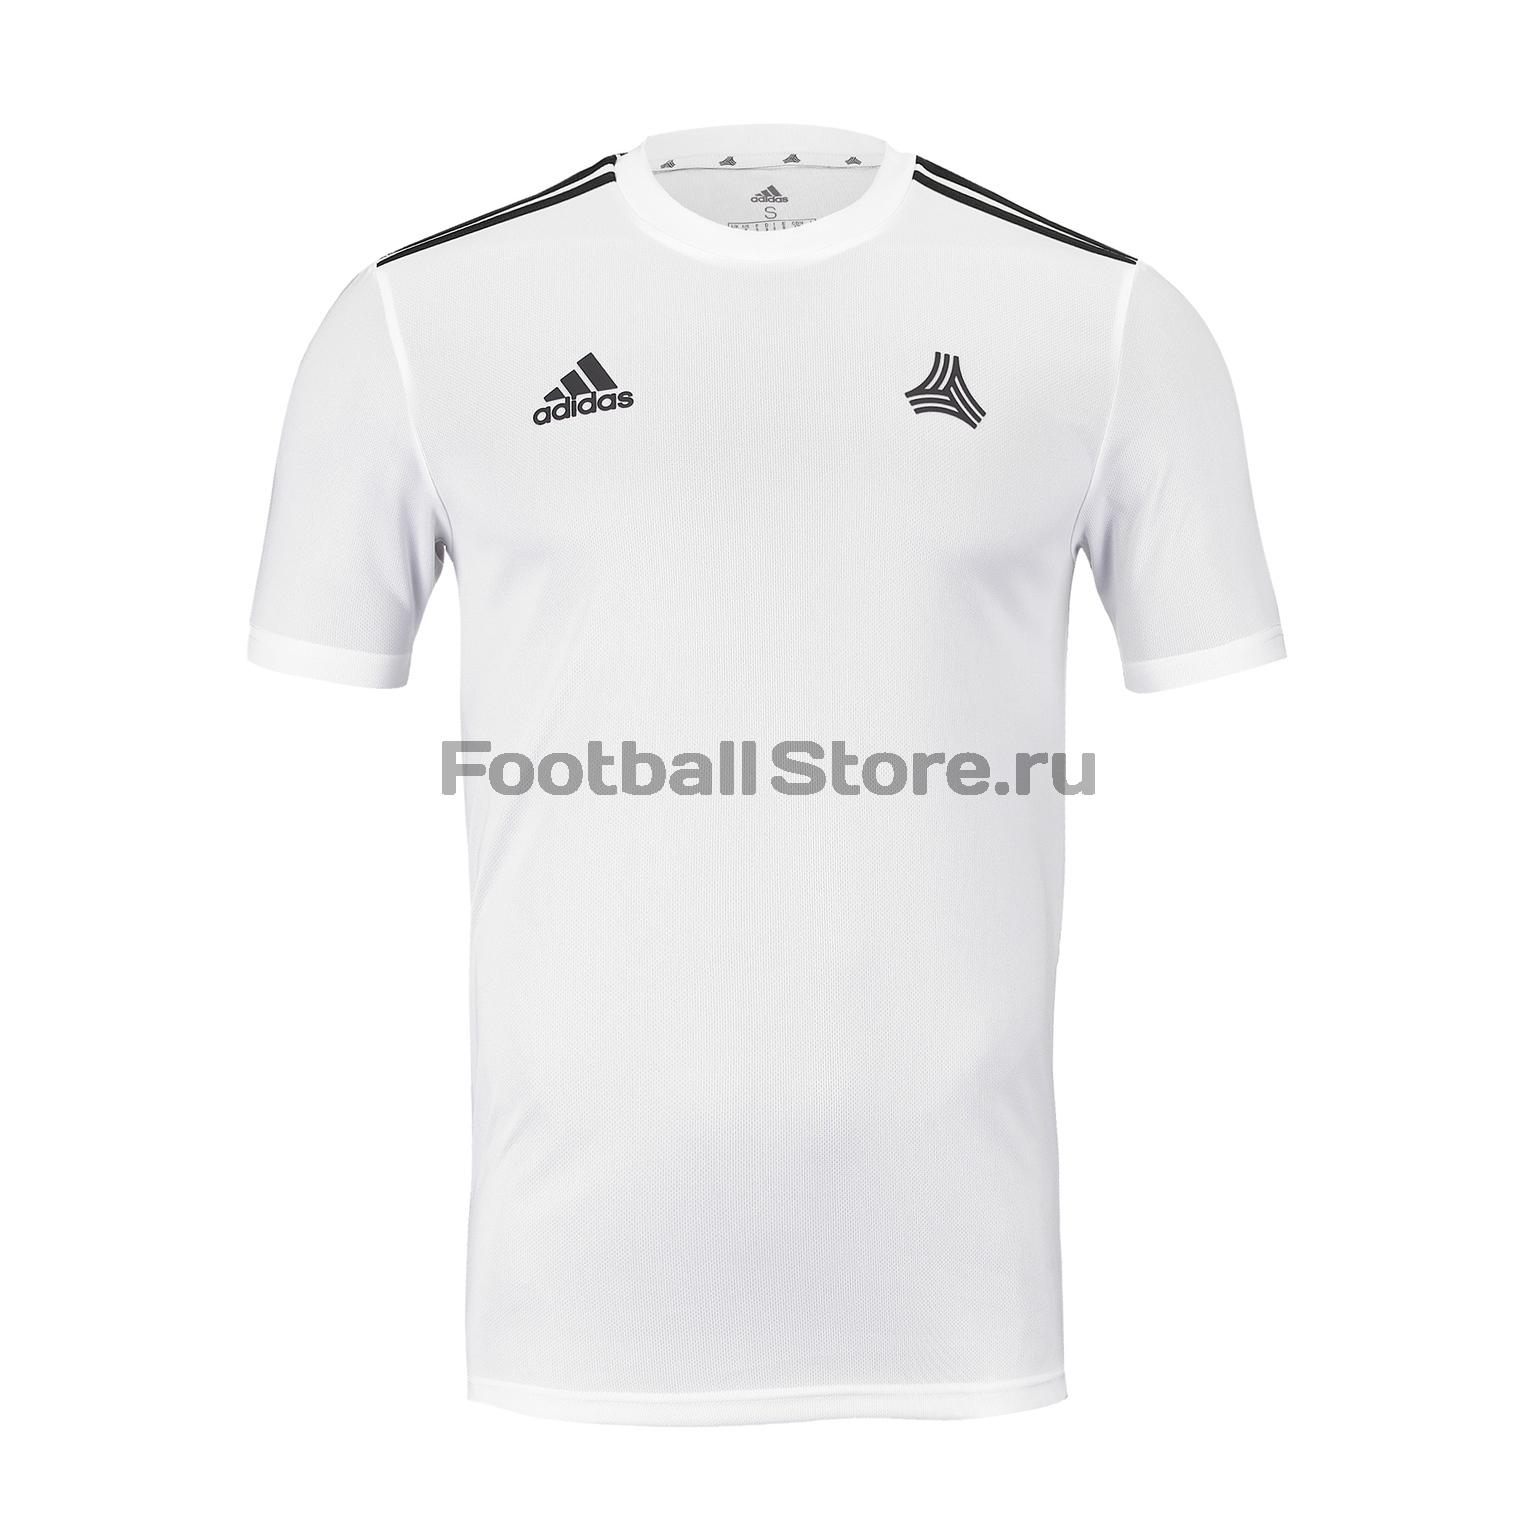 цена Футболка тренировочная Adidas Tan DZ9589 онлайн в 2017 году